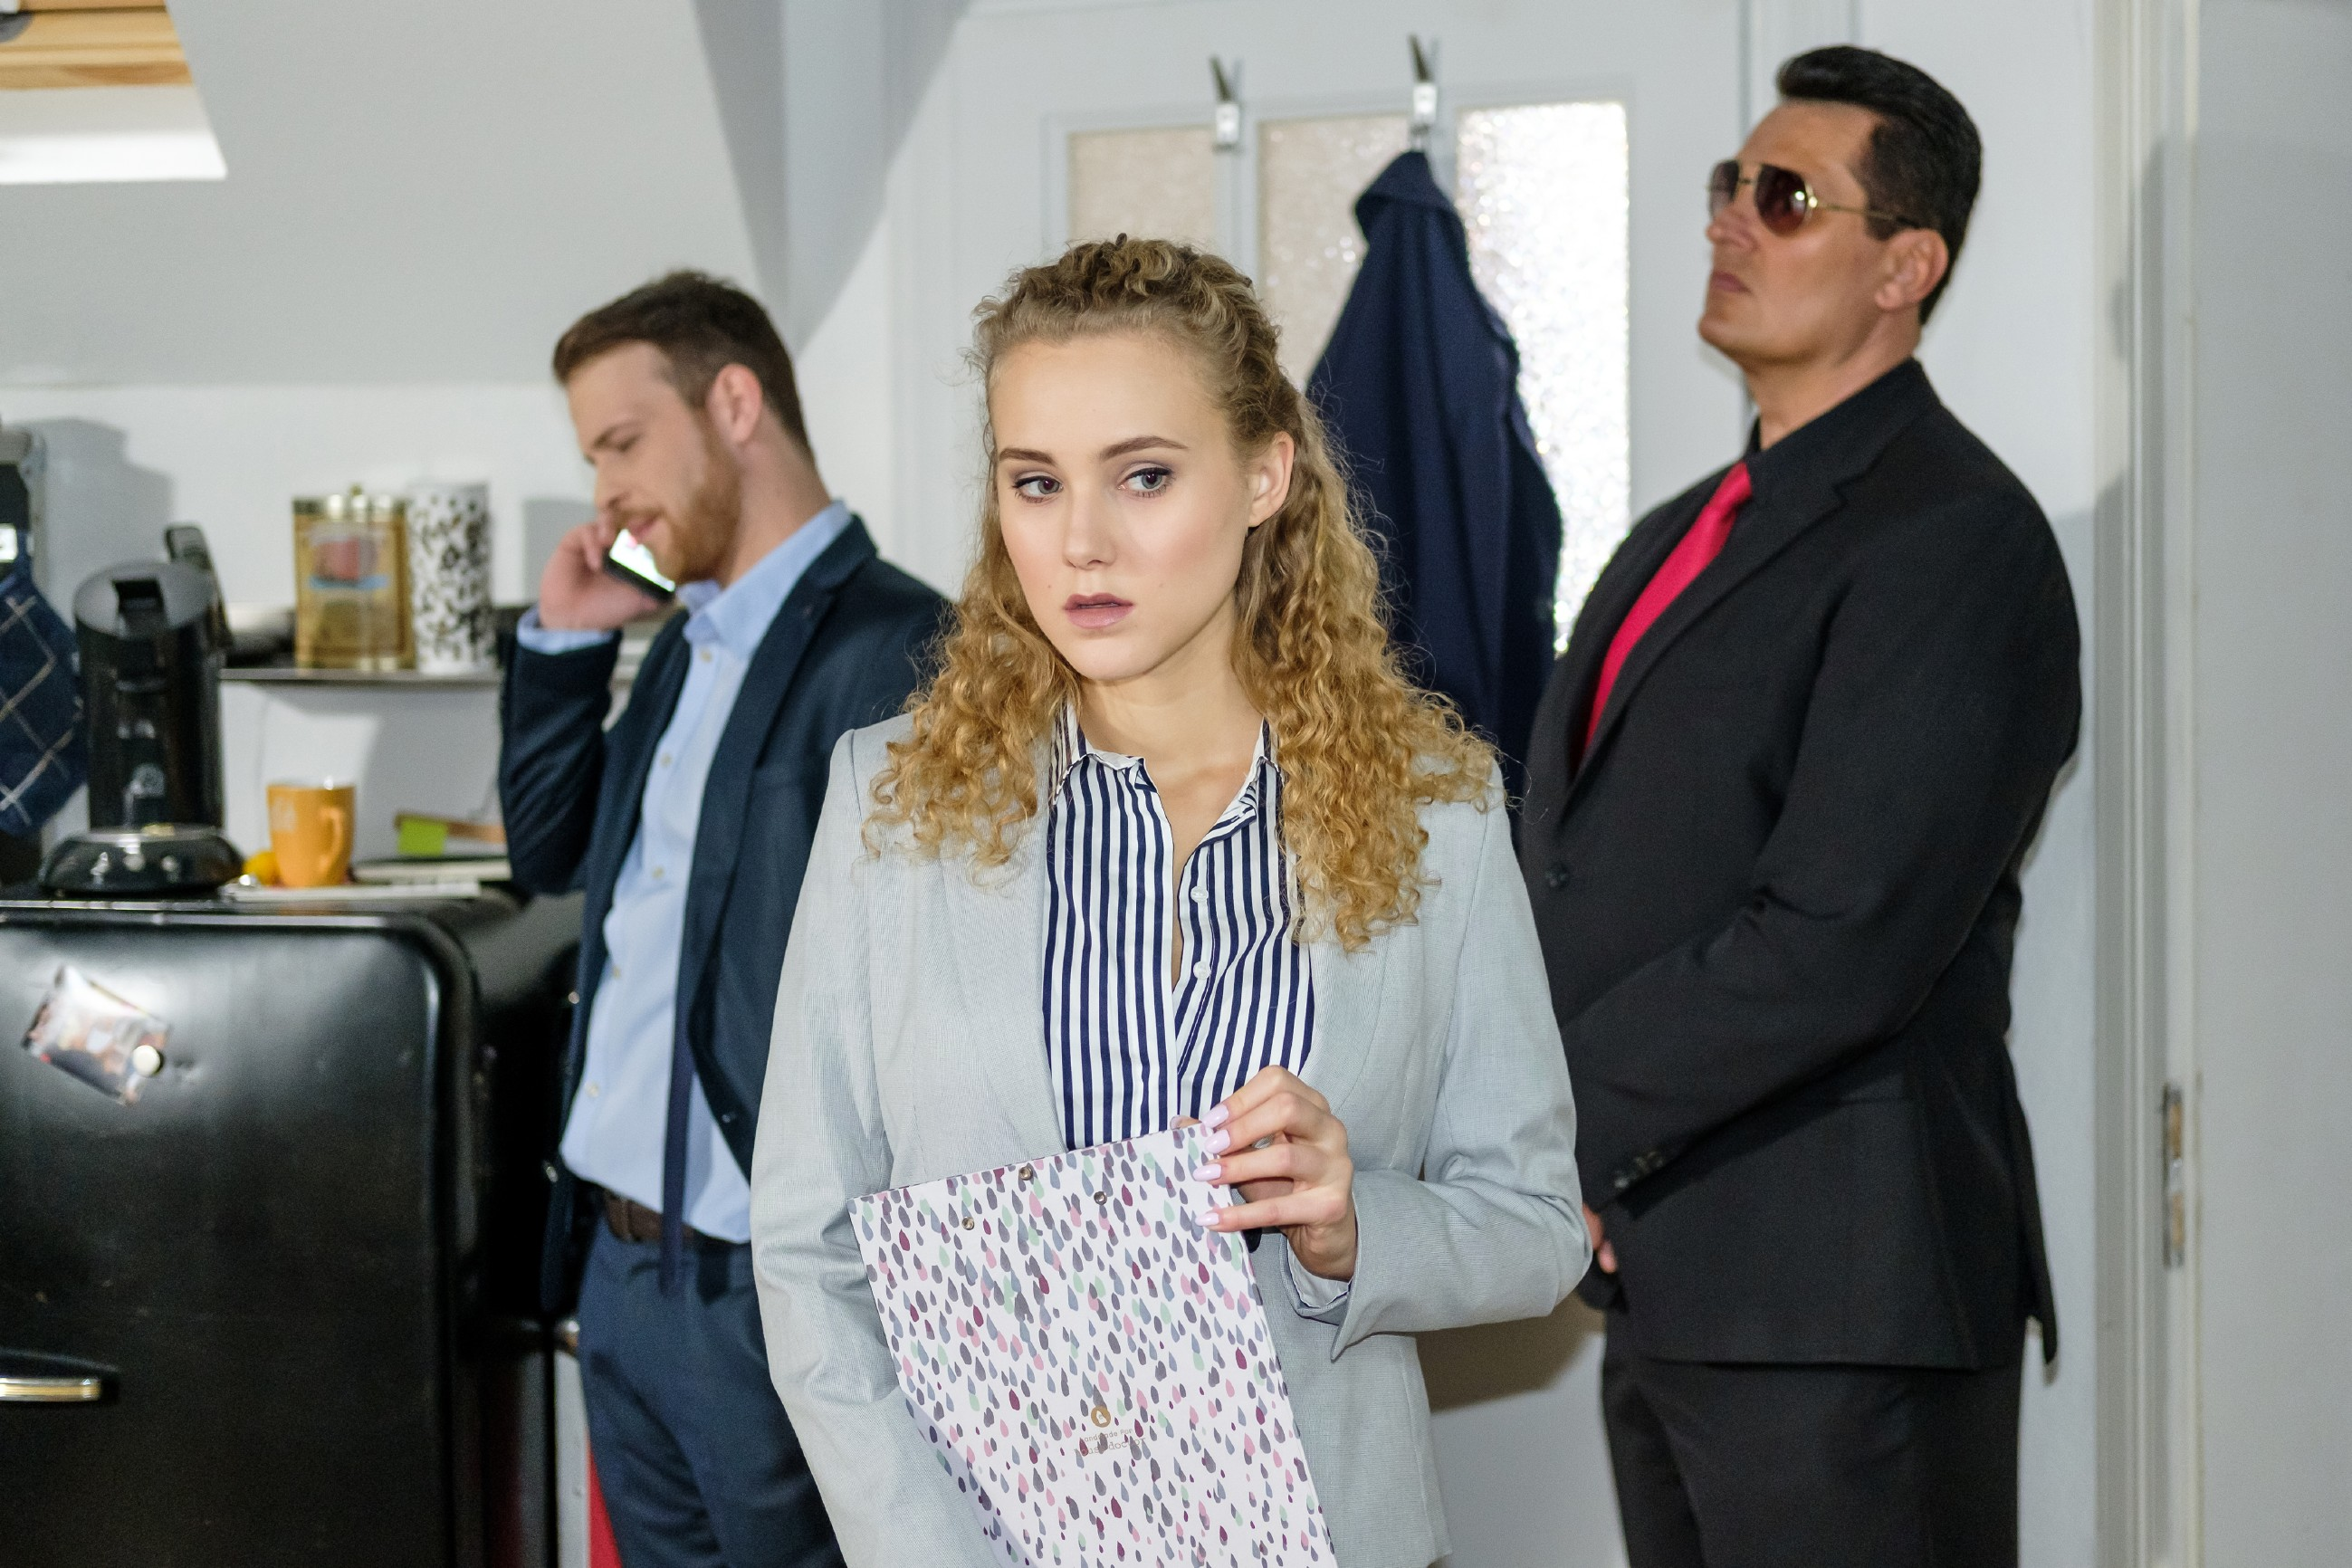 KayC (Pauline Angert) hört sensible Informationen, als Tobias (Patrick Müller, l.) mit Eva über den Ausbruch von Opitz spricht... (r. Komparse) (Quelle: RTL / Stefan Behrens)